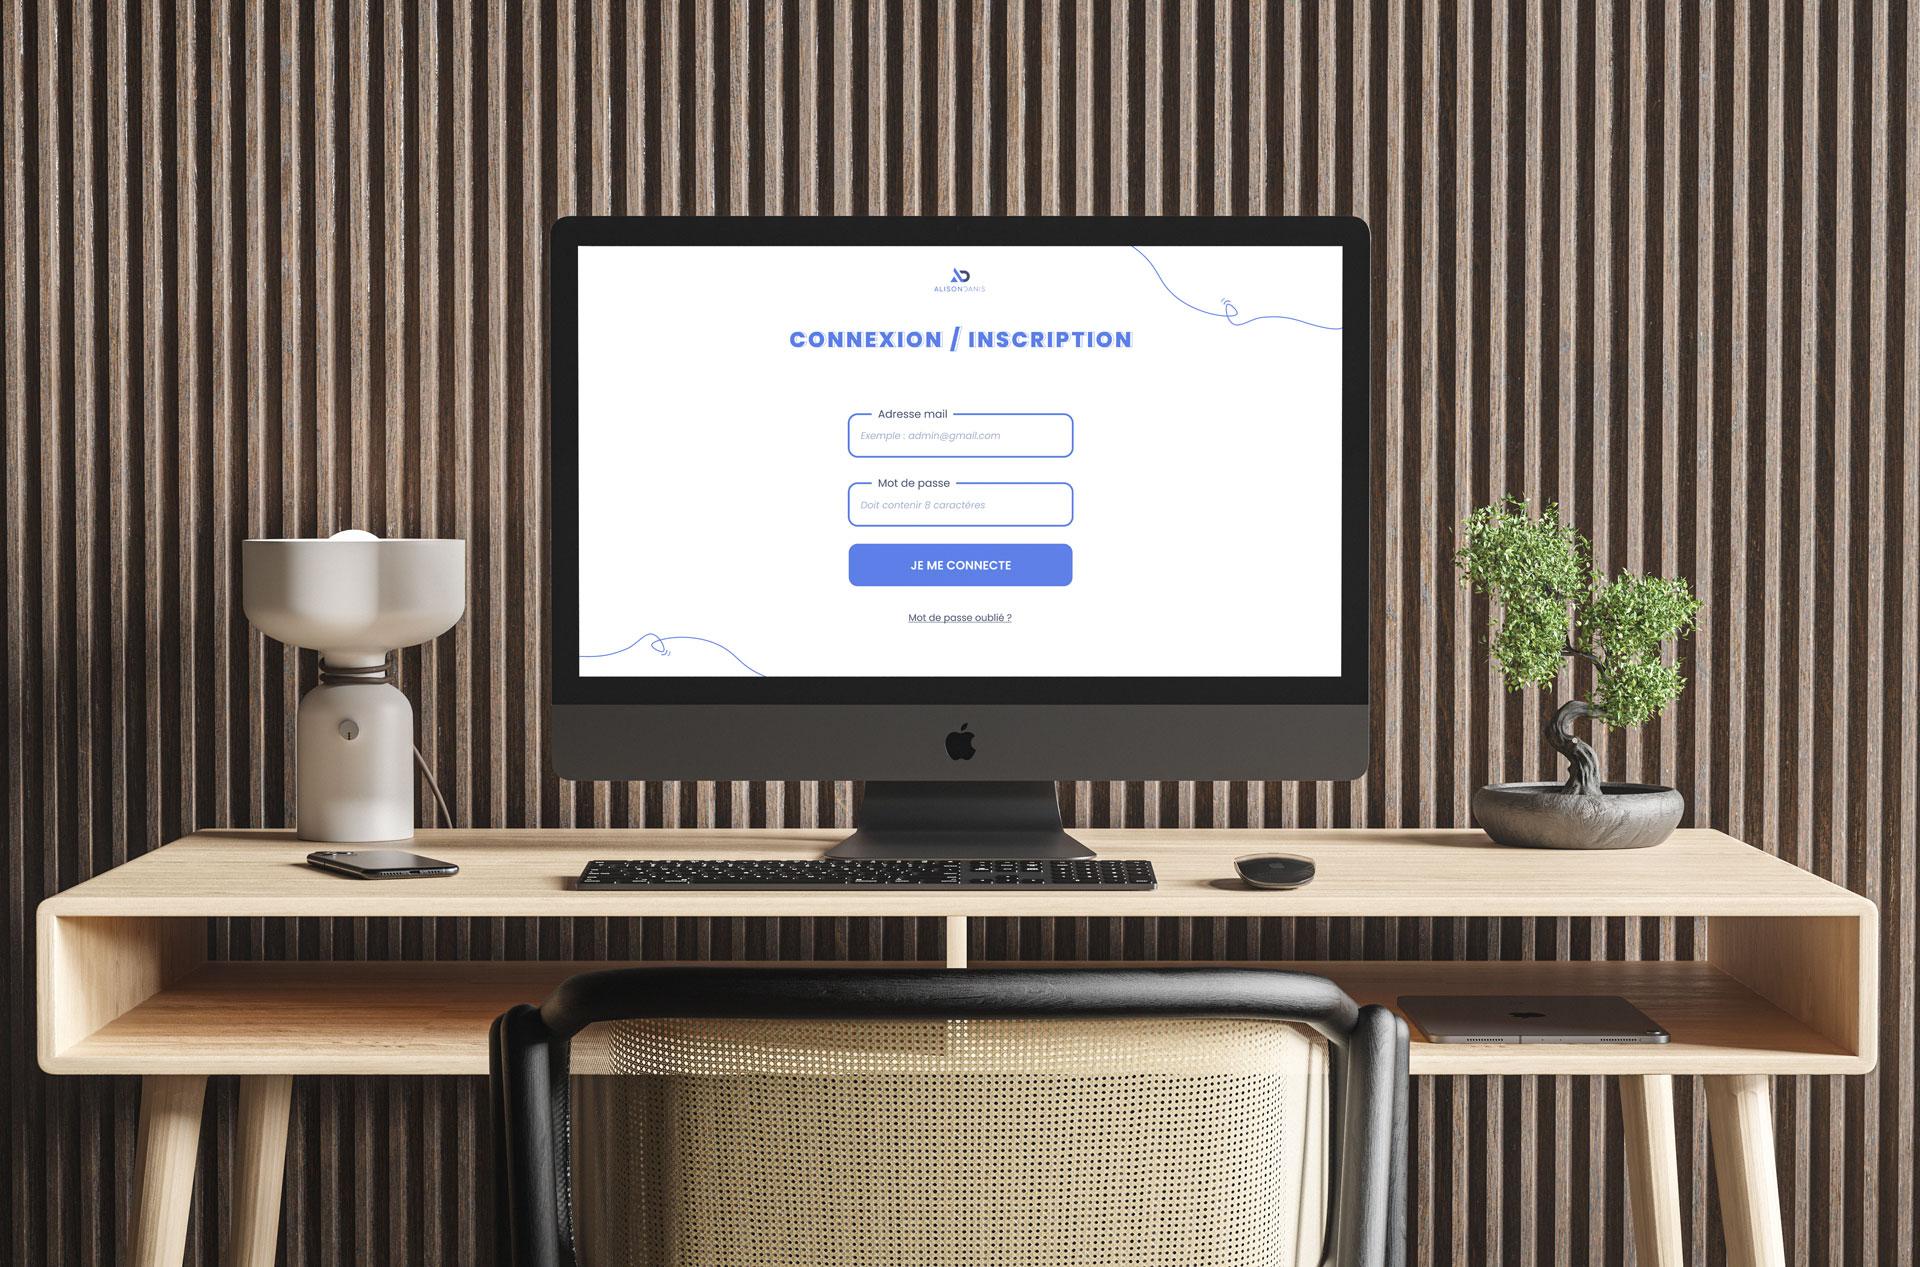 10 pratiques inspirantes pour votre formulaire de connexion